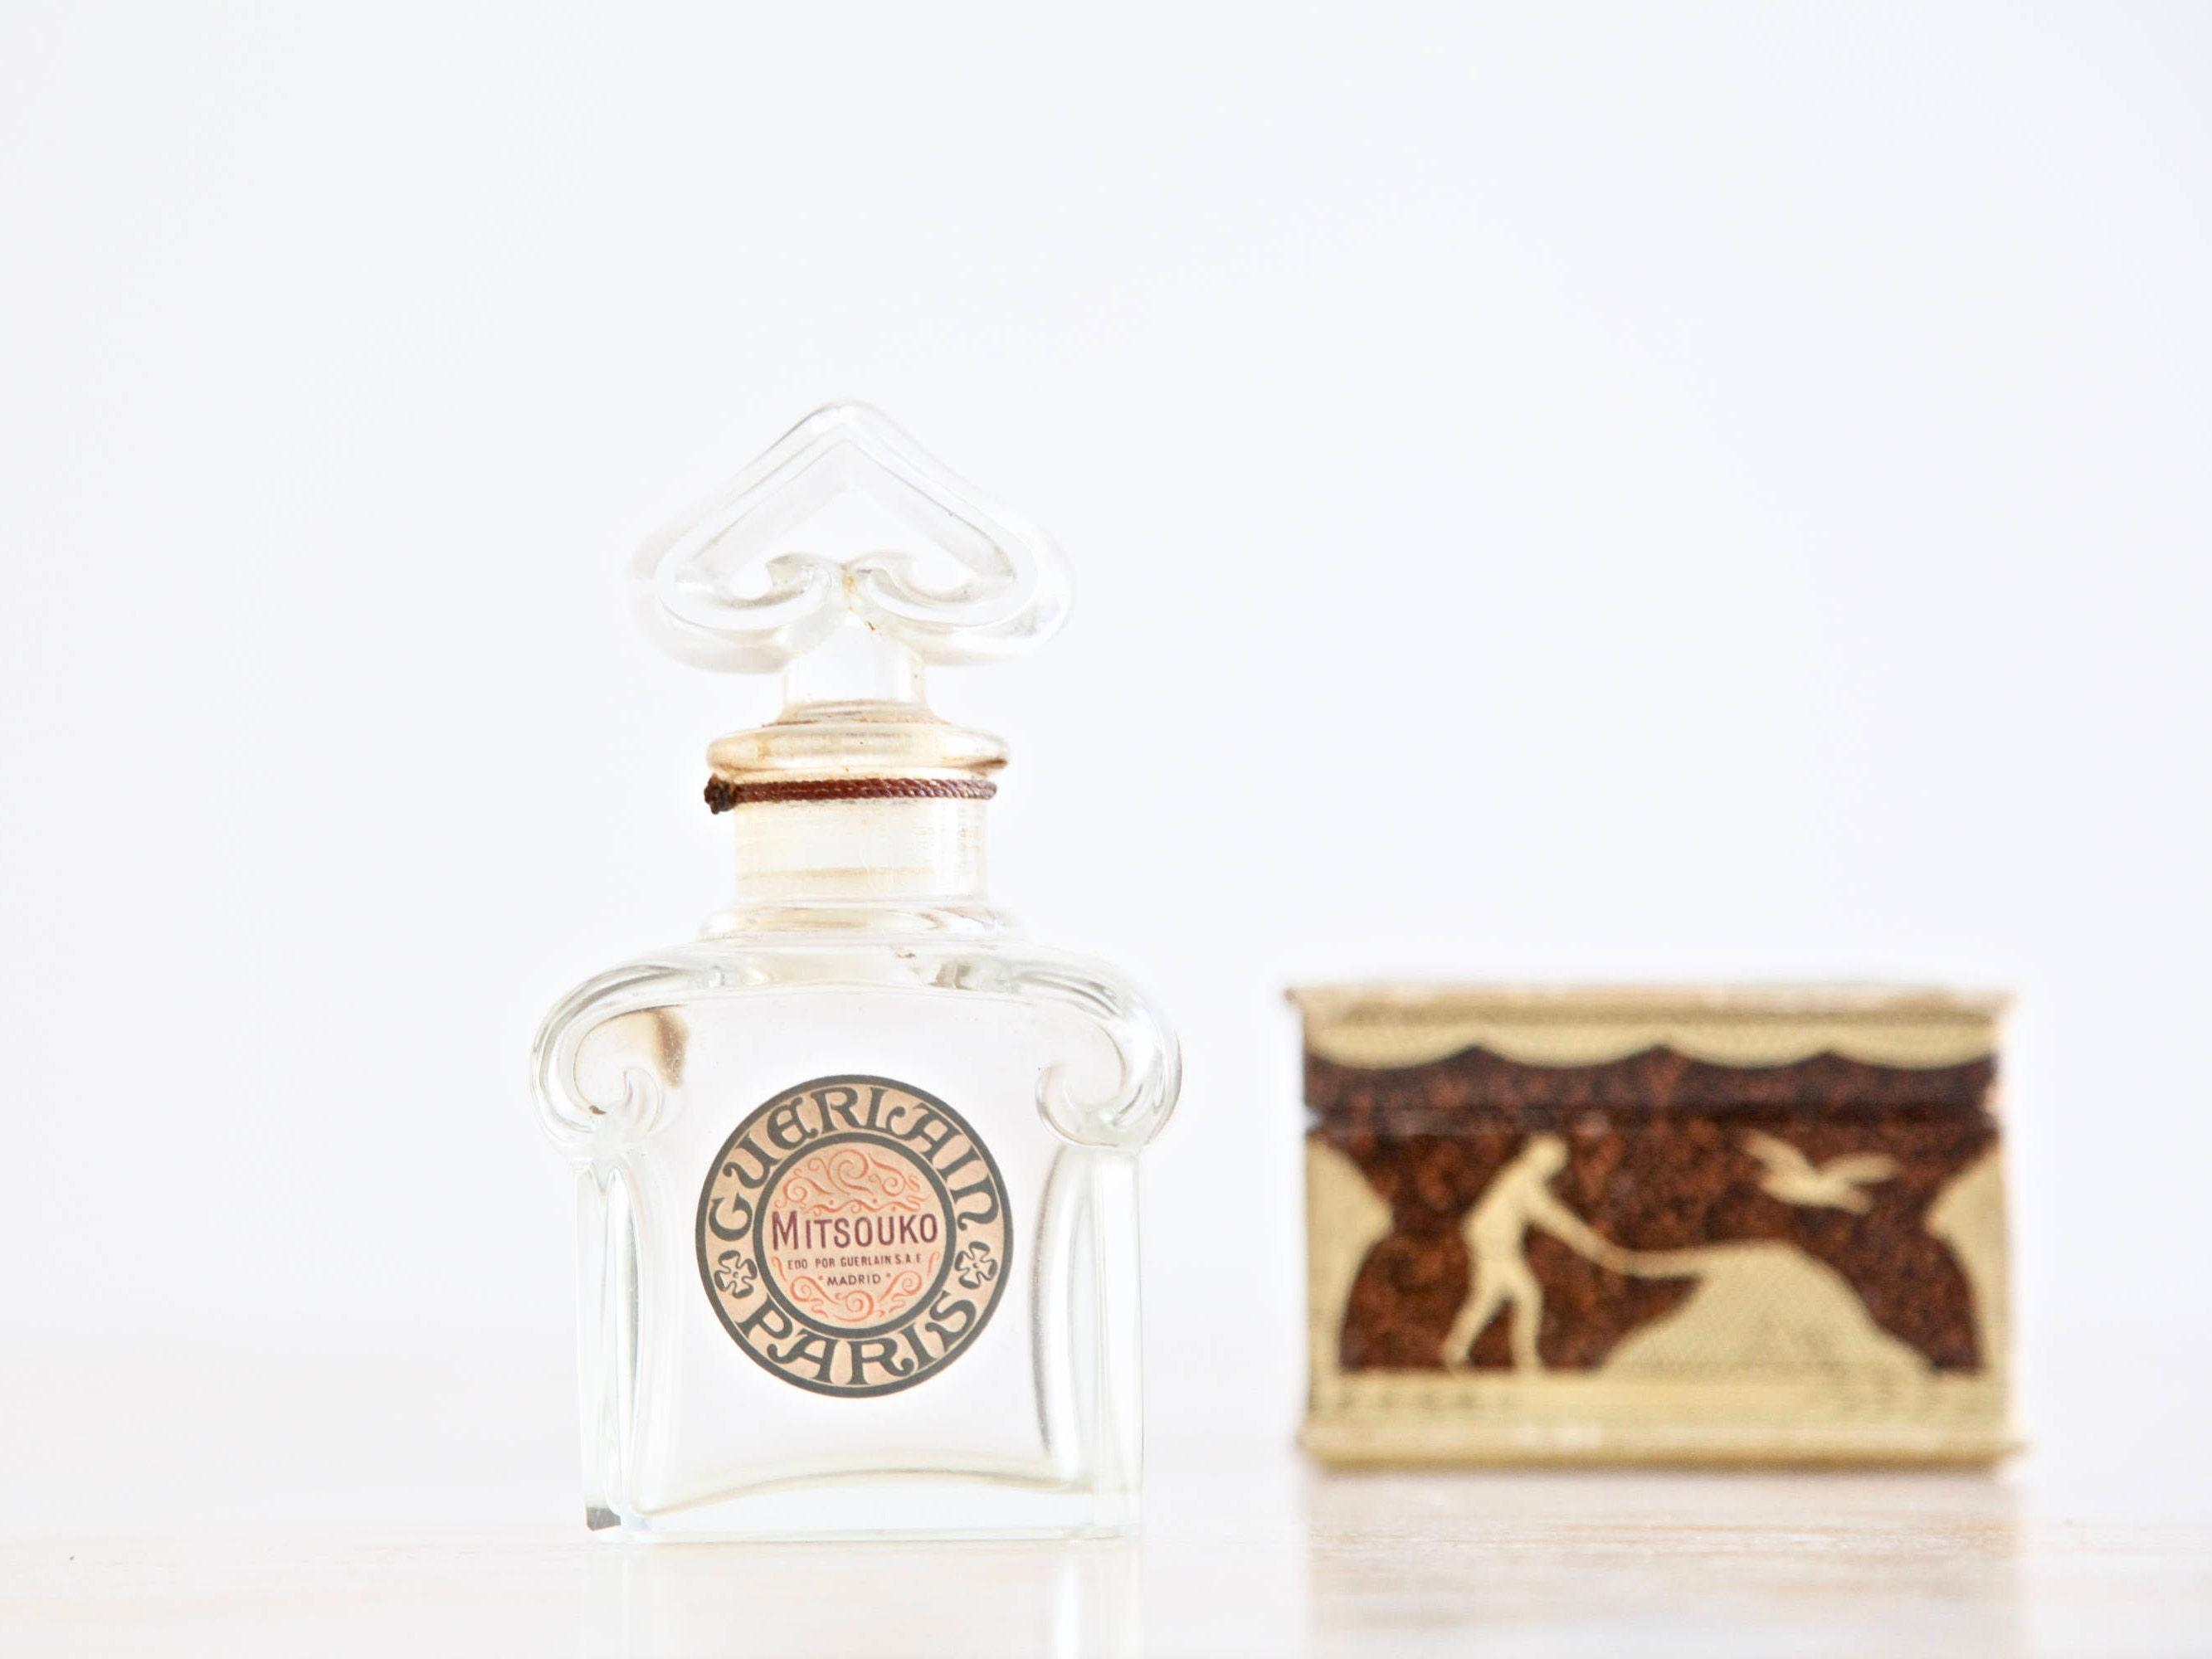 Ancien BoîteBouteille Guerlain Et GuerlainVide Vintage De Parfum Mitsouko Flacon mwvO8n0yN